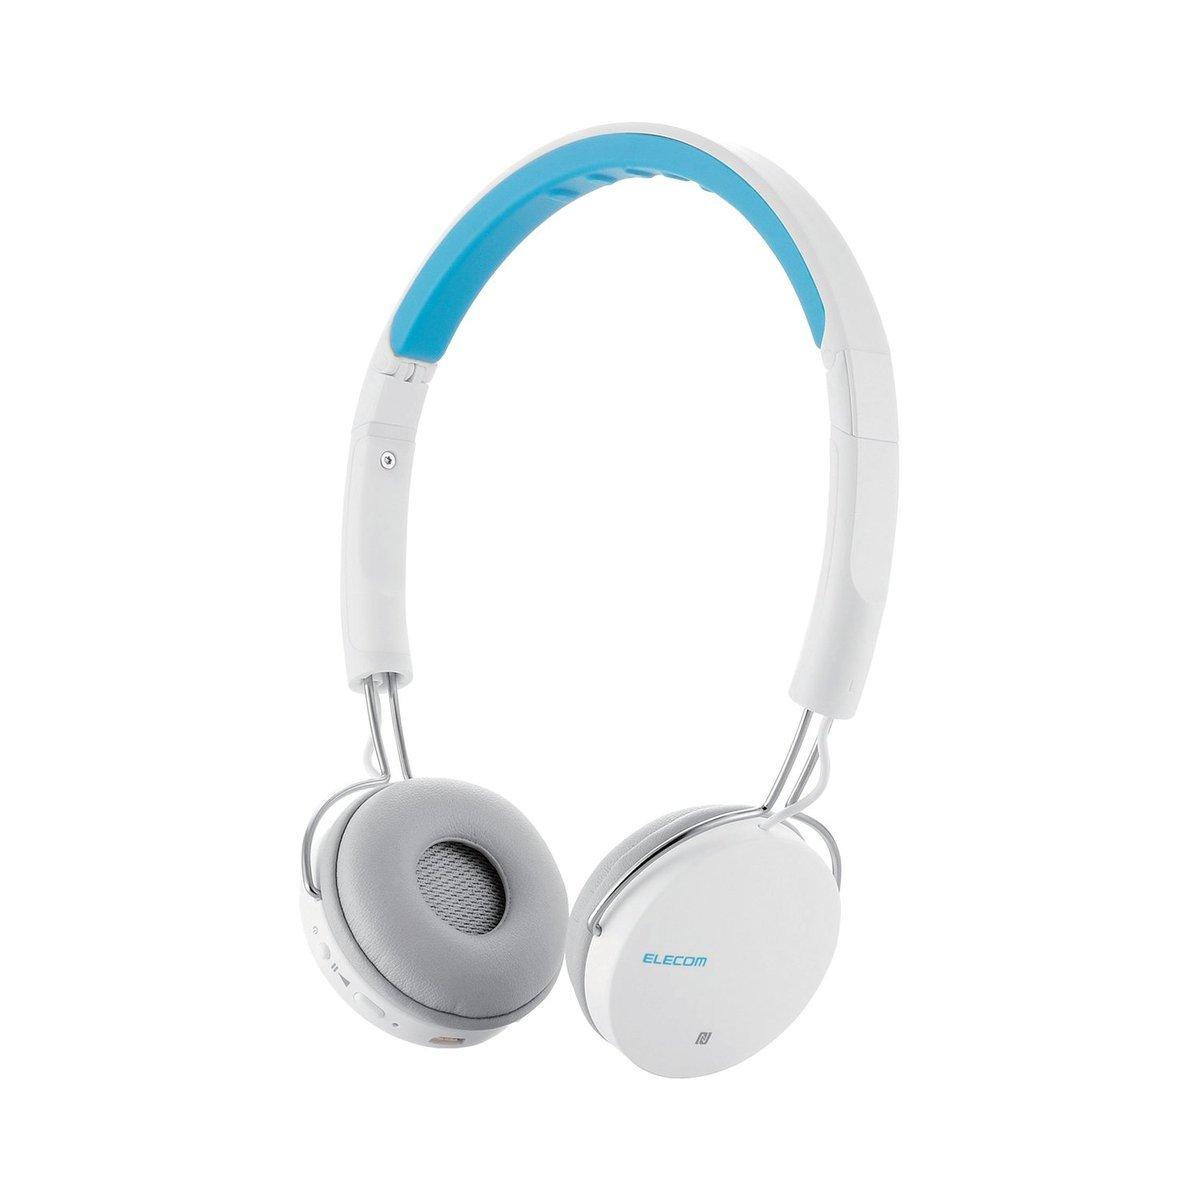 LBT-OH05 折疊式頭戴藍牙耳機 (白色)